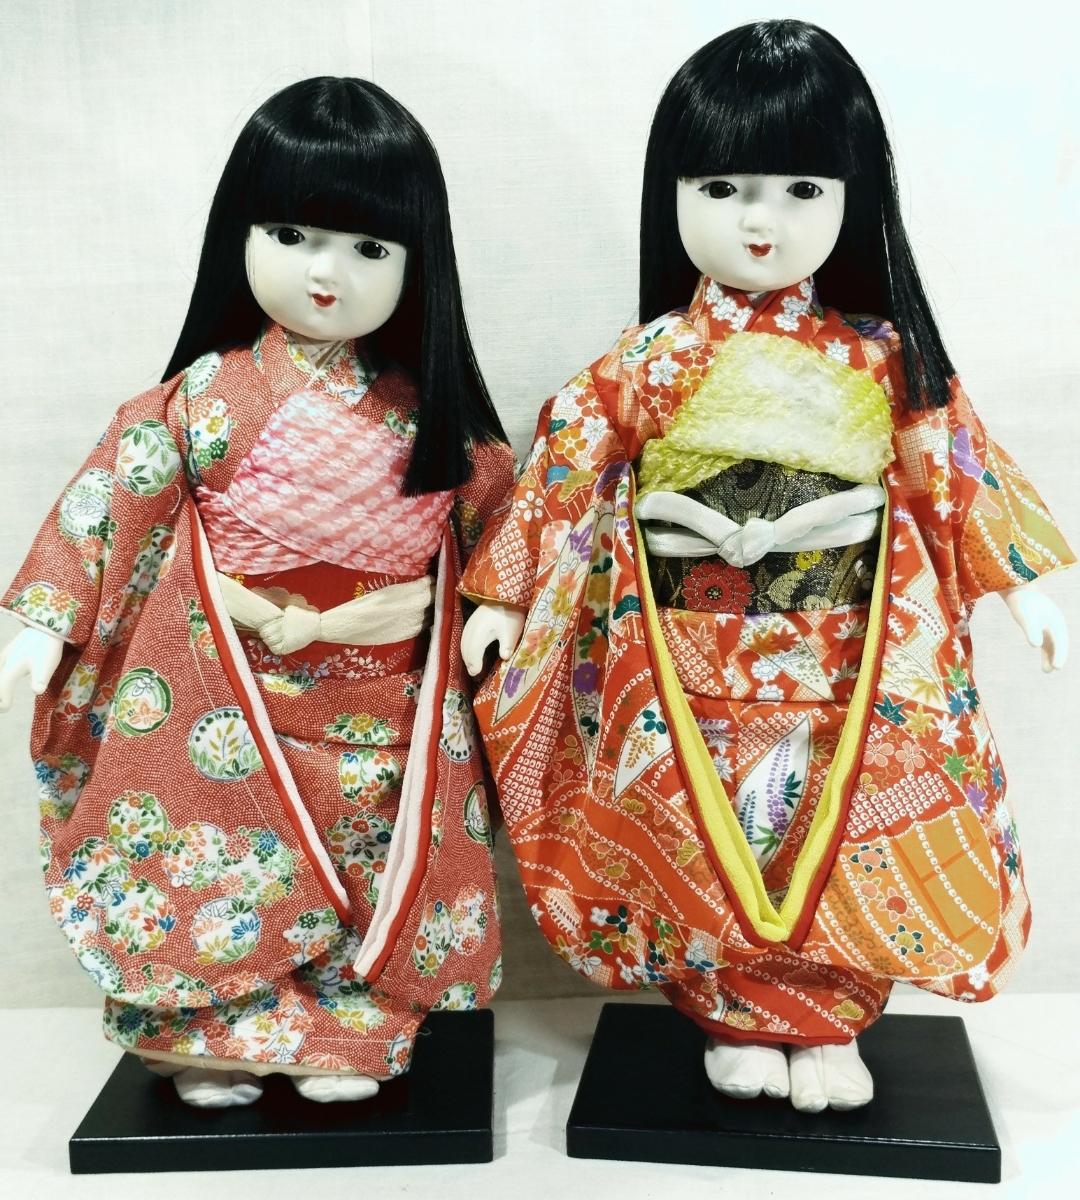 木製スタンド付き市松人形2体  日本人形